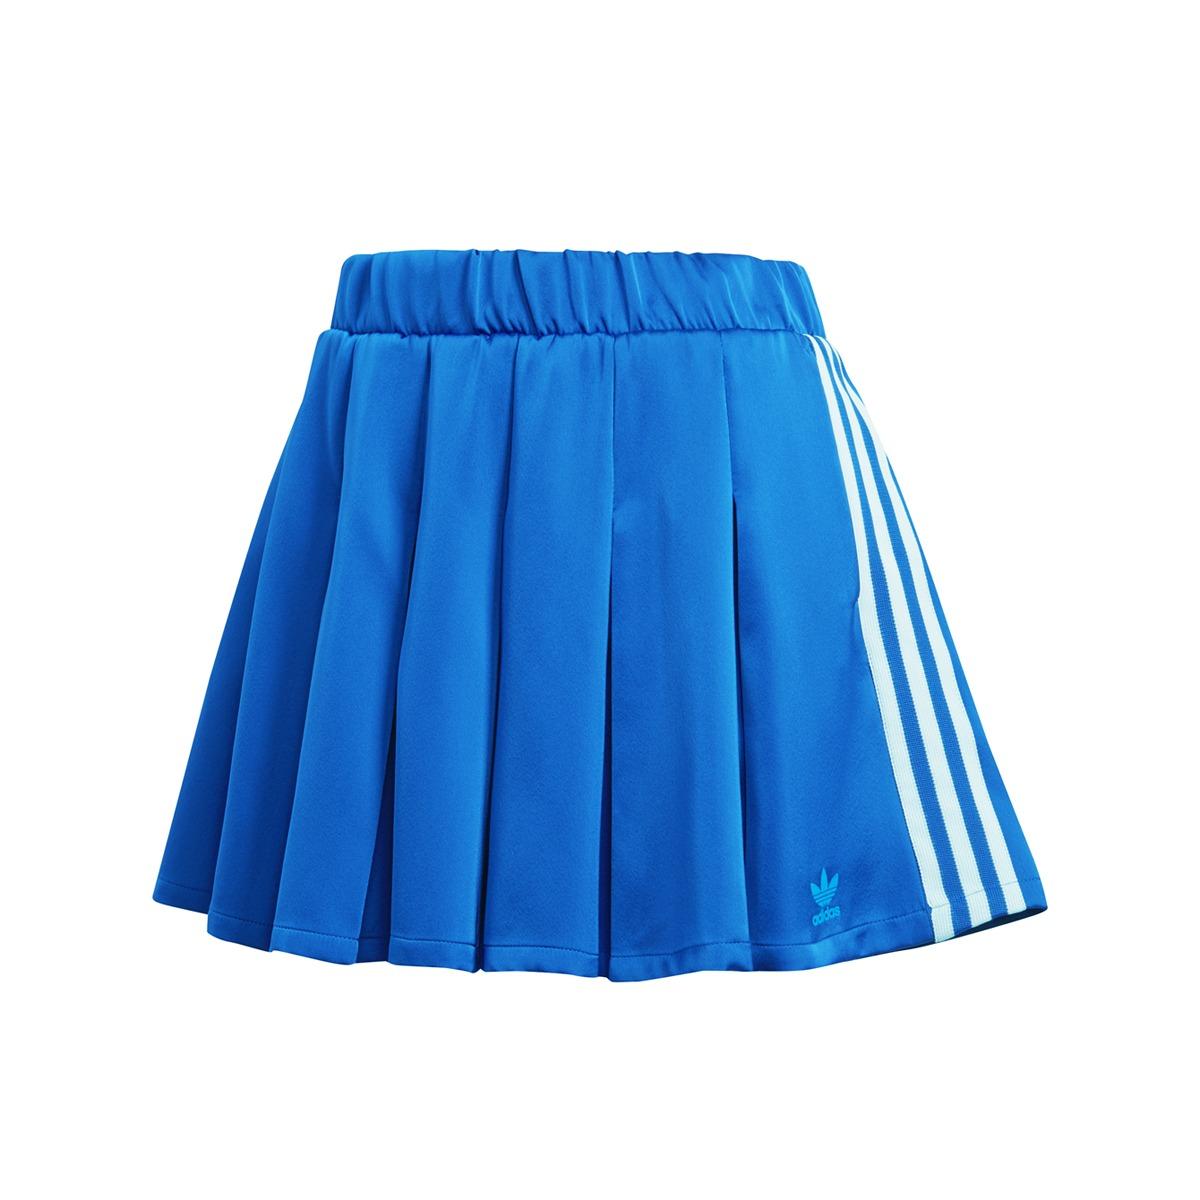 4f870f7fc3 Pollera adidas Originals Moda Fsh L Skirt Mujer Fr - $ 1.200,00 en ...